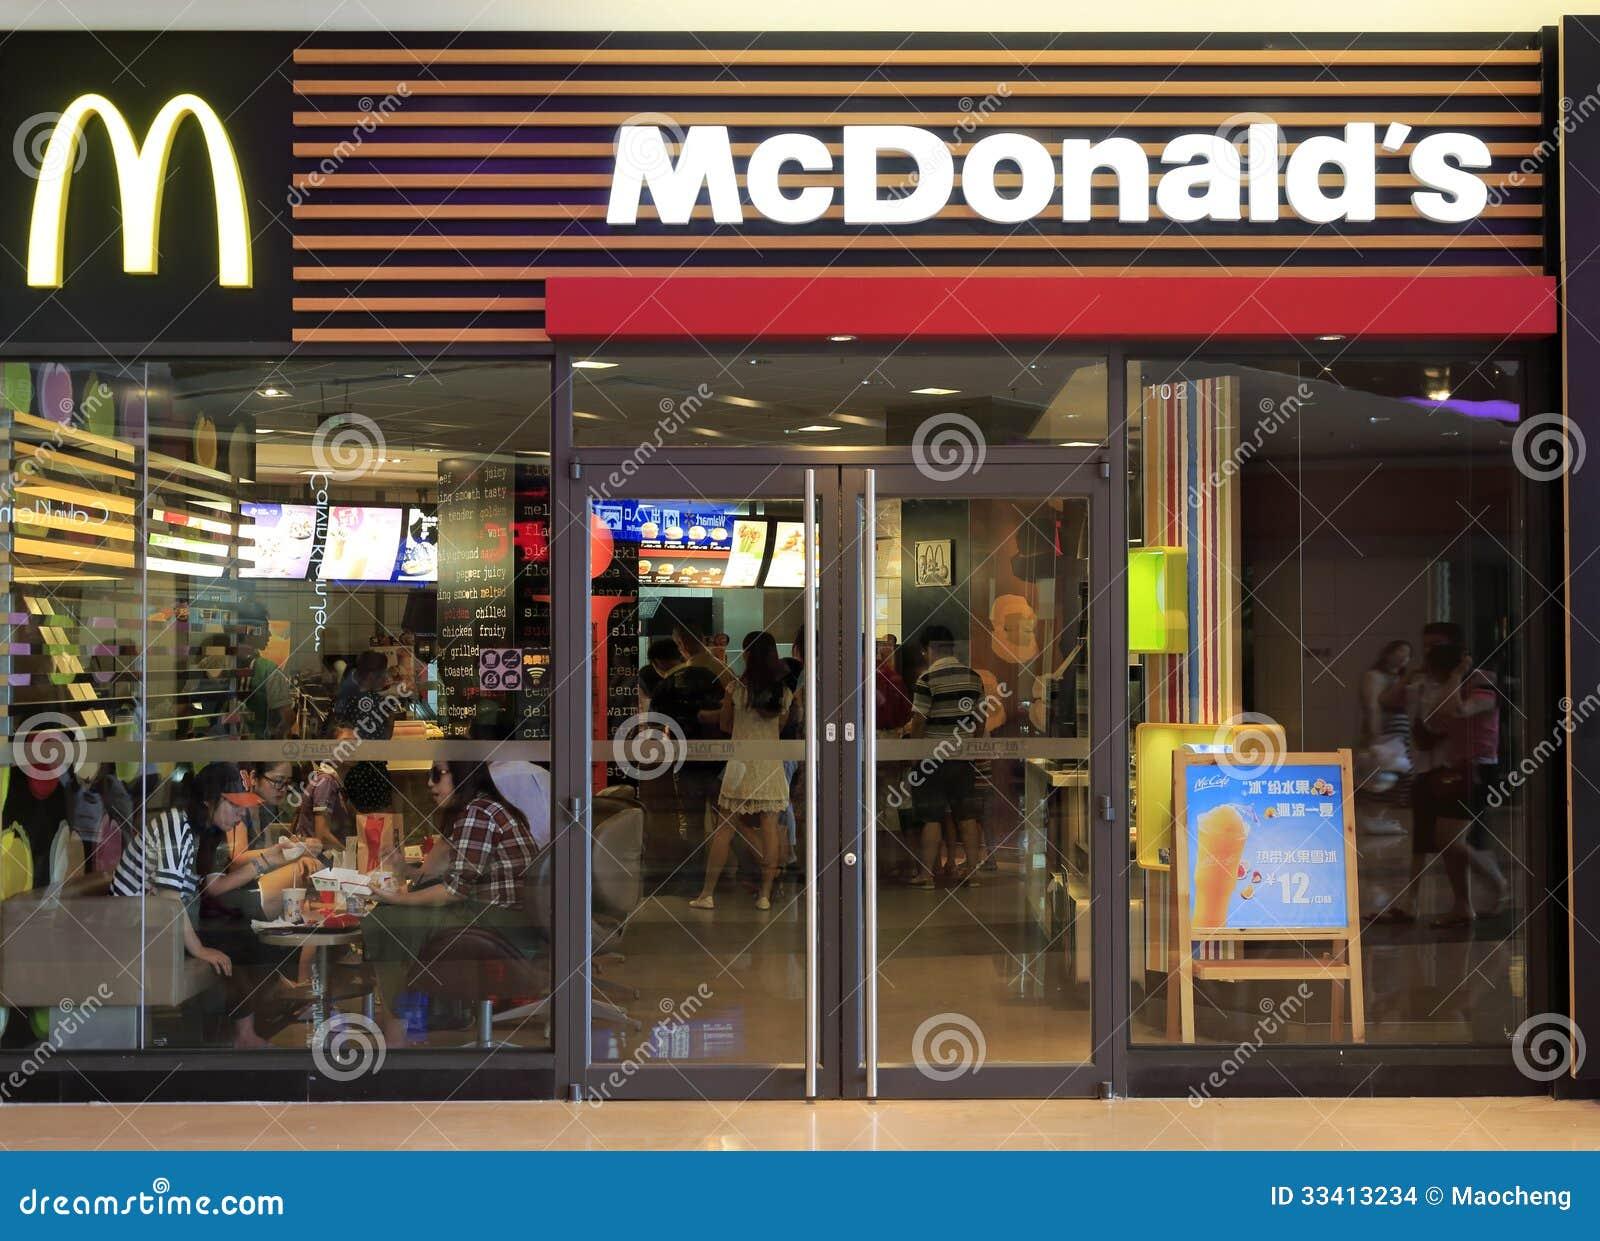 Ext rieur de mcdonald image stock ditorial image 33413234 for Restaurant exterieur